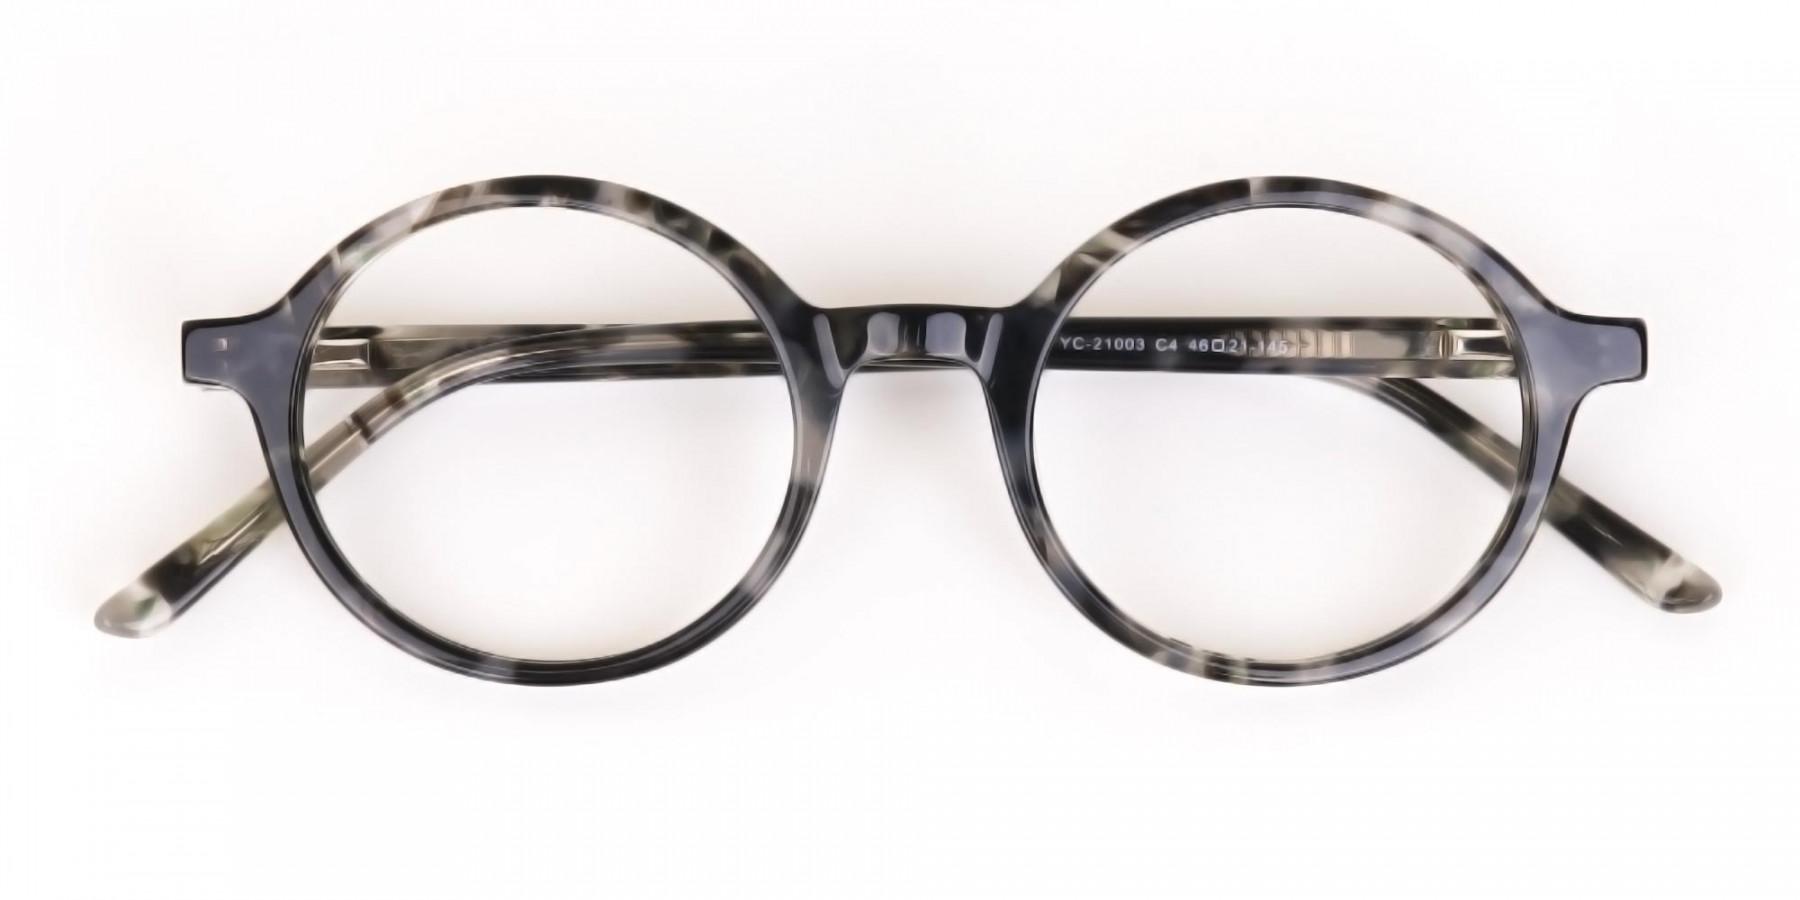 Marble Grey Acetate Round Eyeglasses Unisex-1